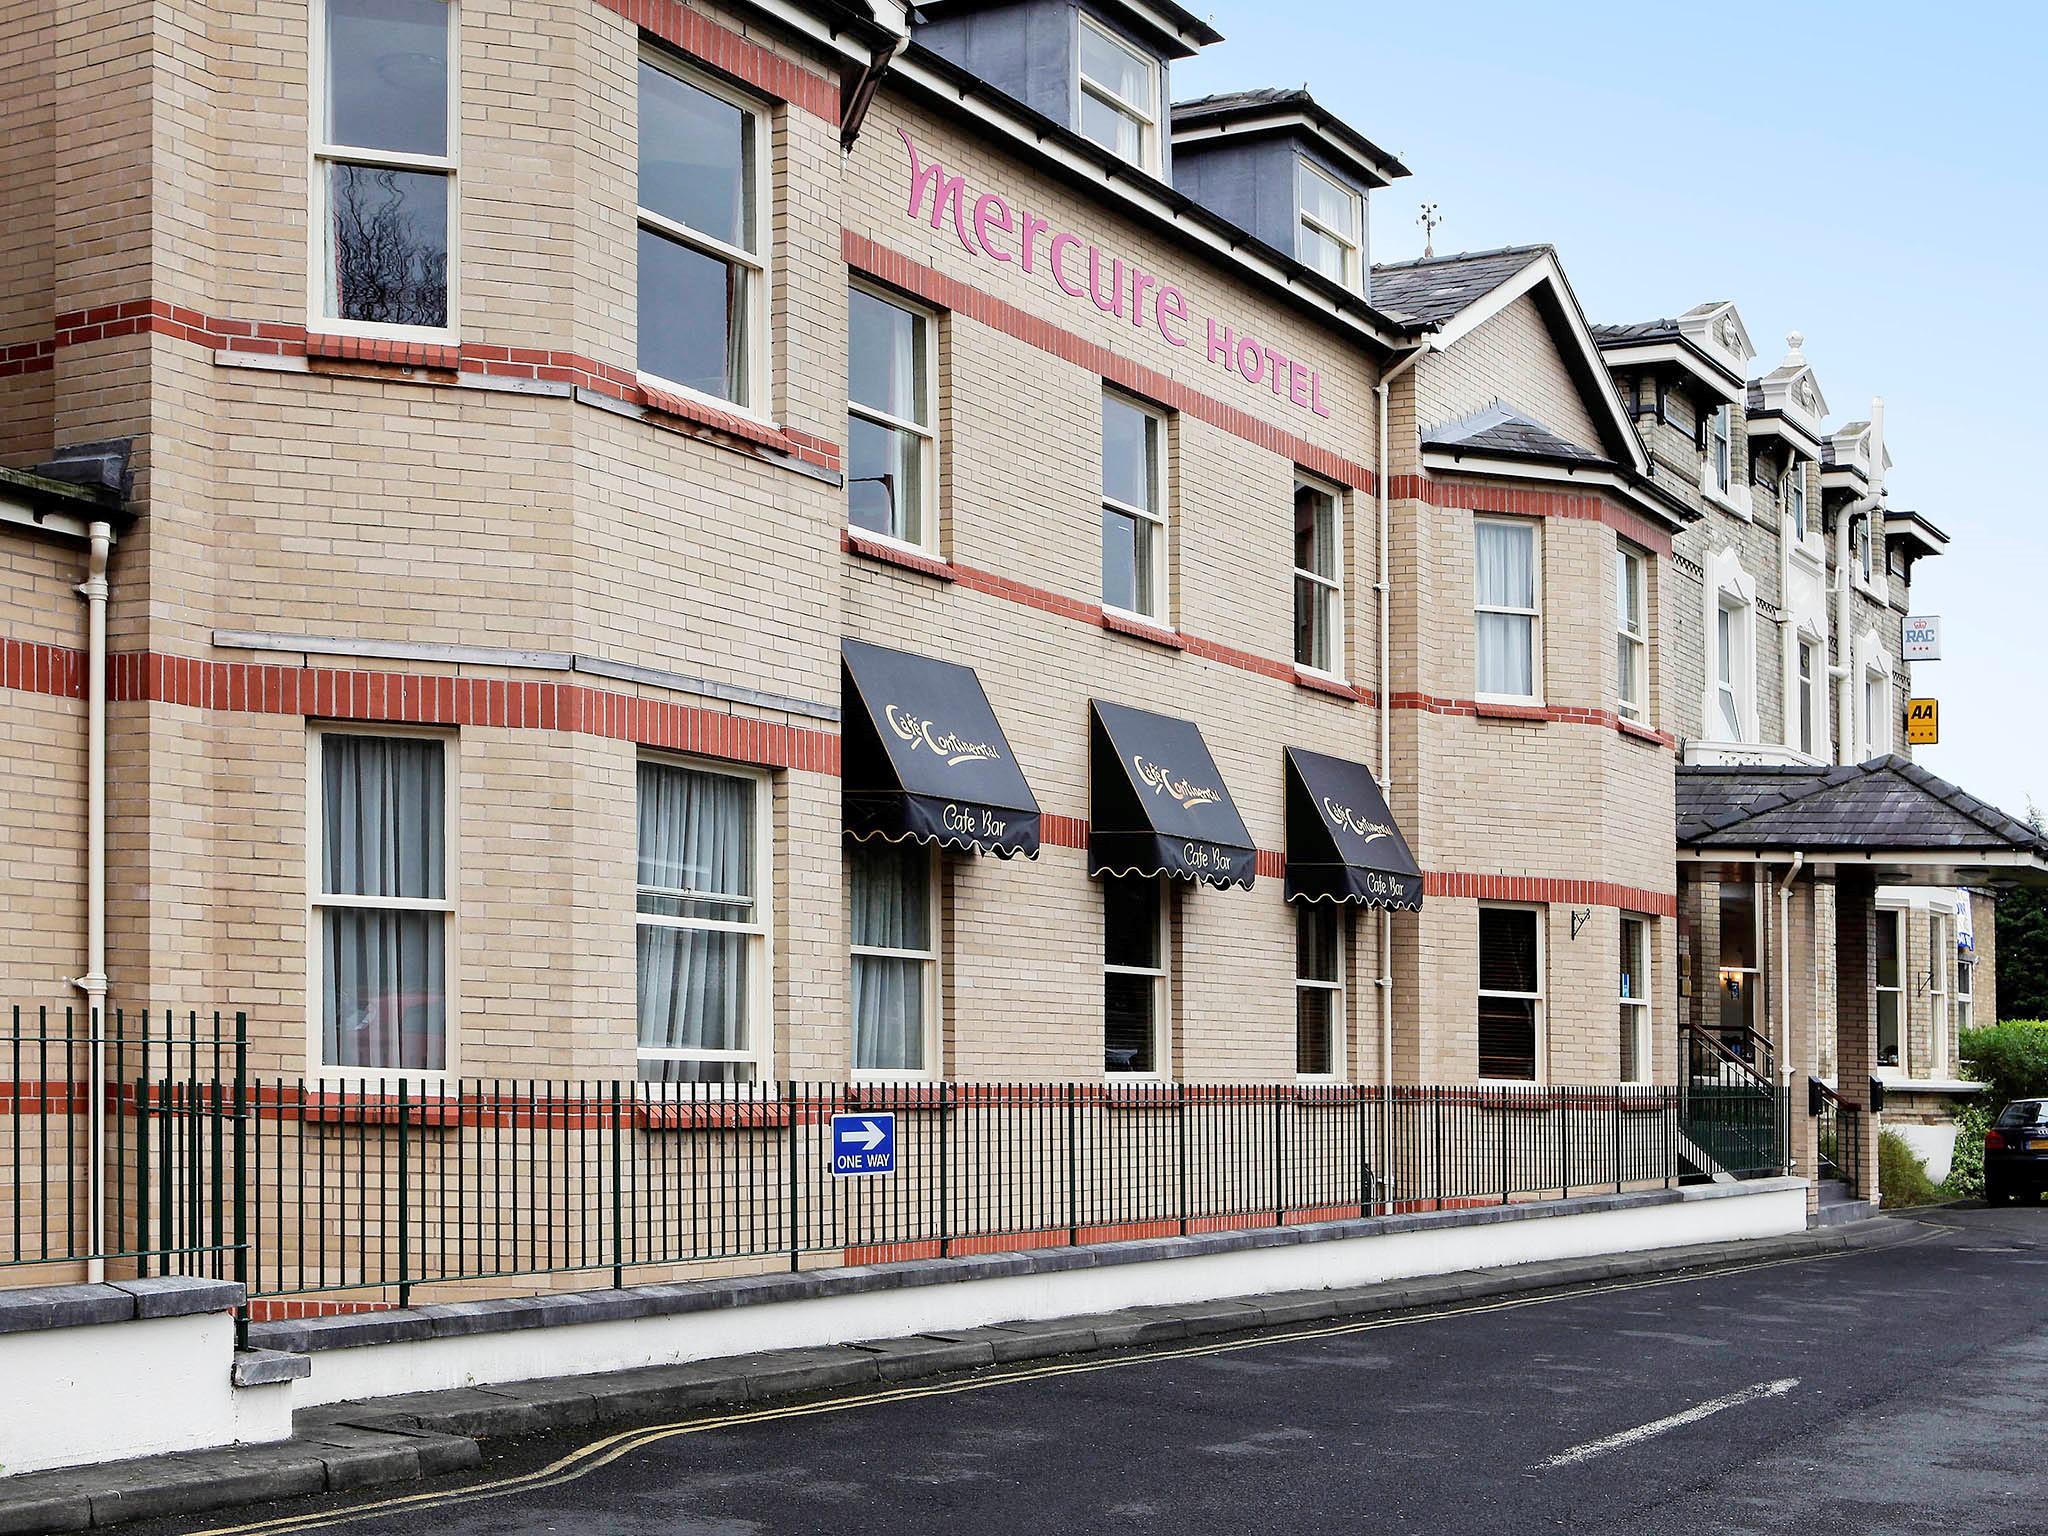 Picture of Mercure Altrincham Bowdon Hotel